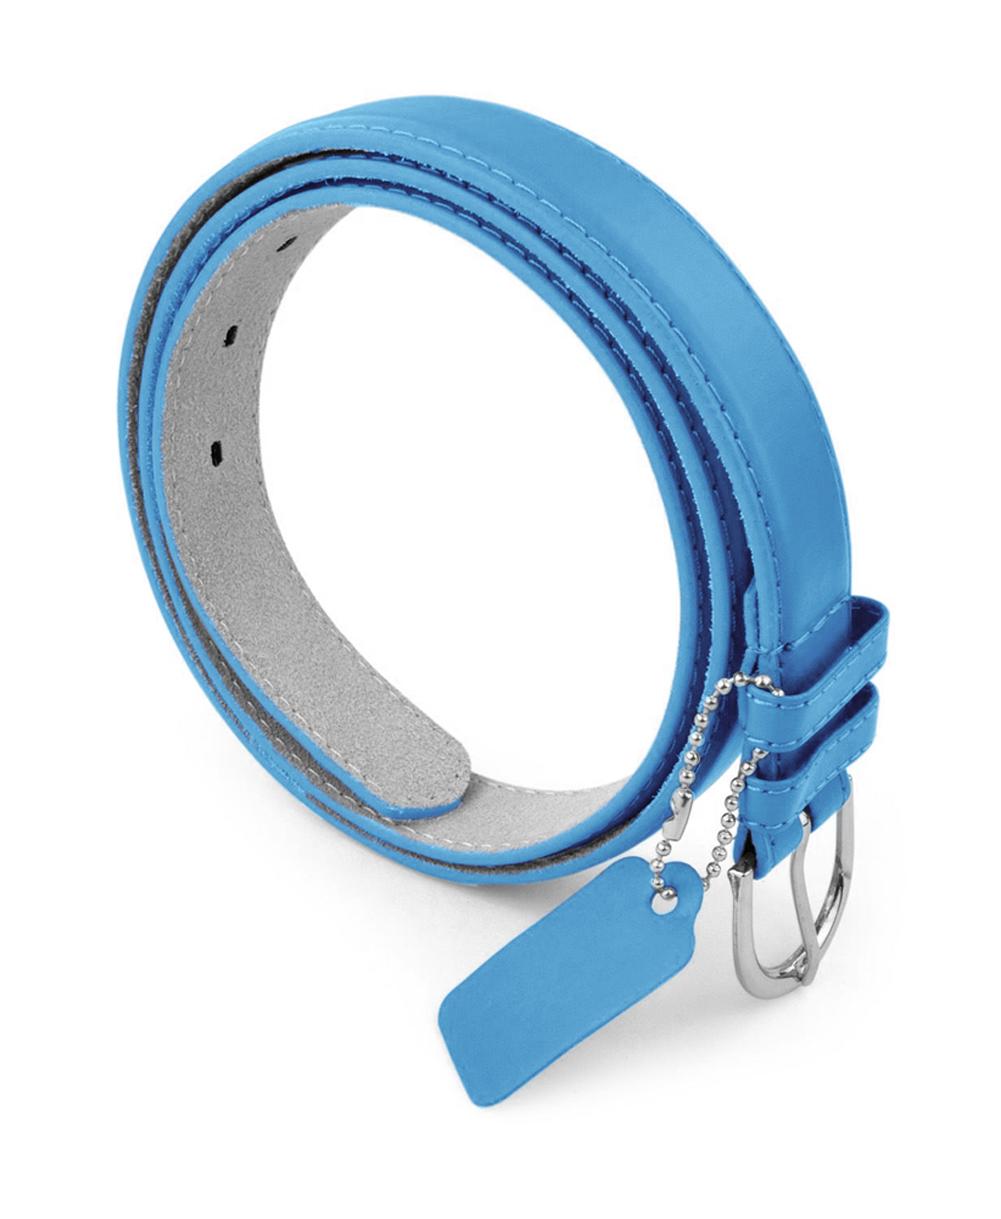 Womens Dress Belt - Solid Color Bonded Leather Silver Polished Buckle Belle Donne - True Blue 2X-Large